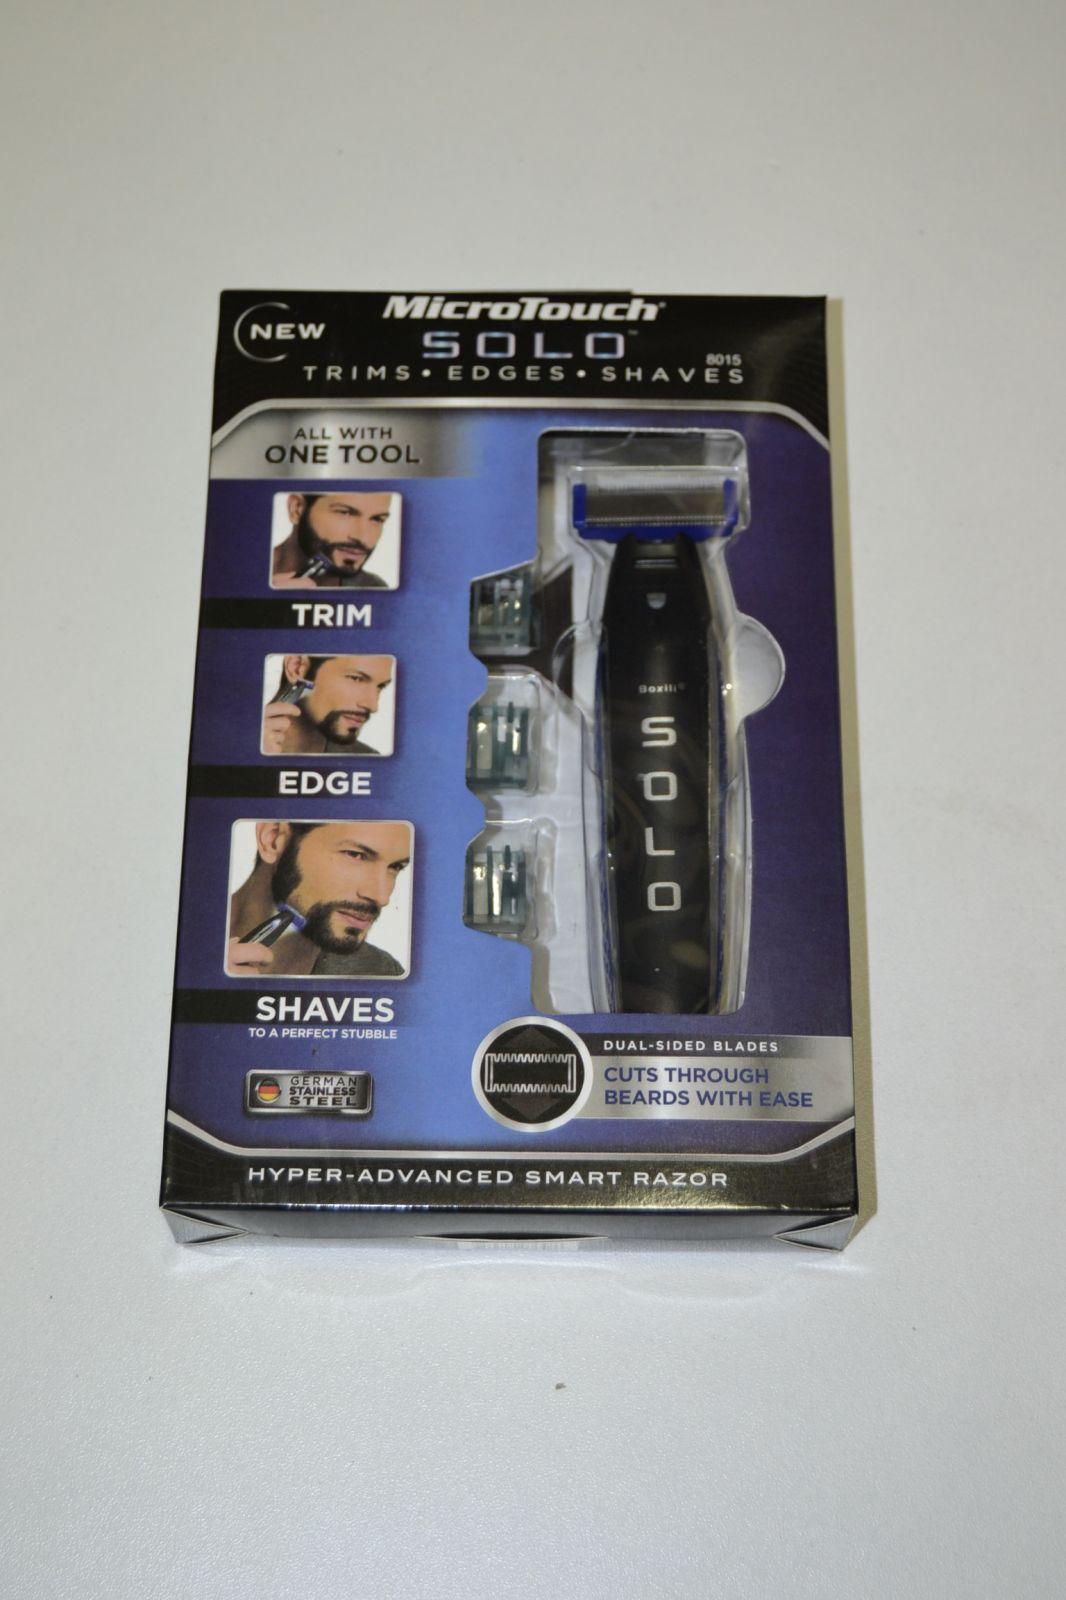 Zastřihovač na vousy a chlupy - Solo One blade - microtouch